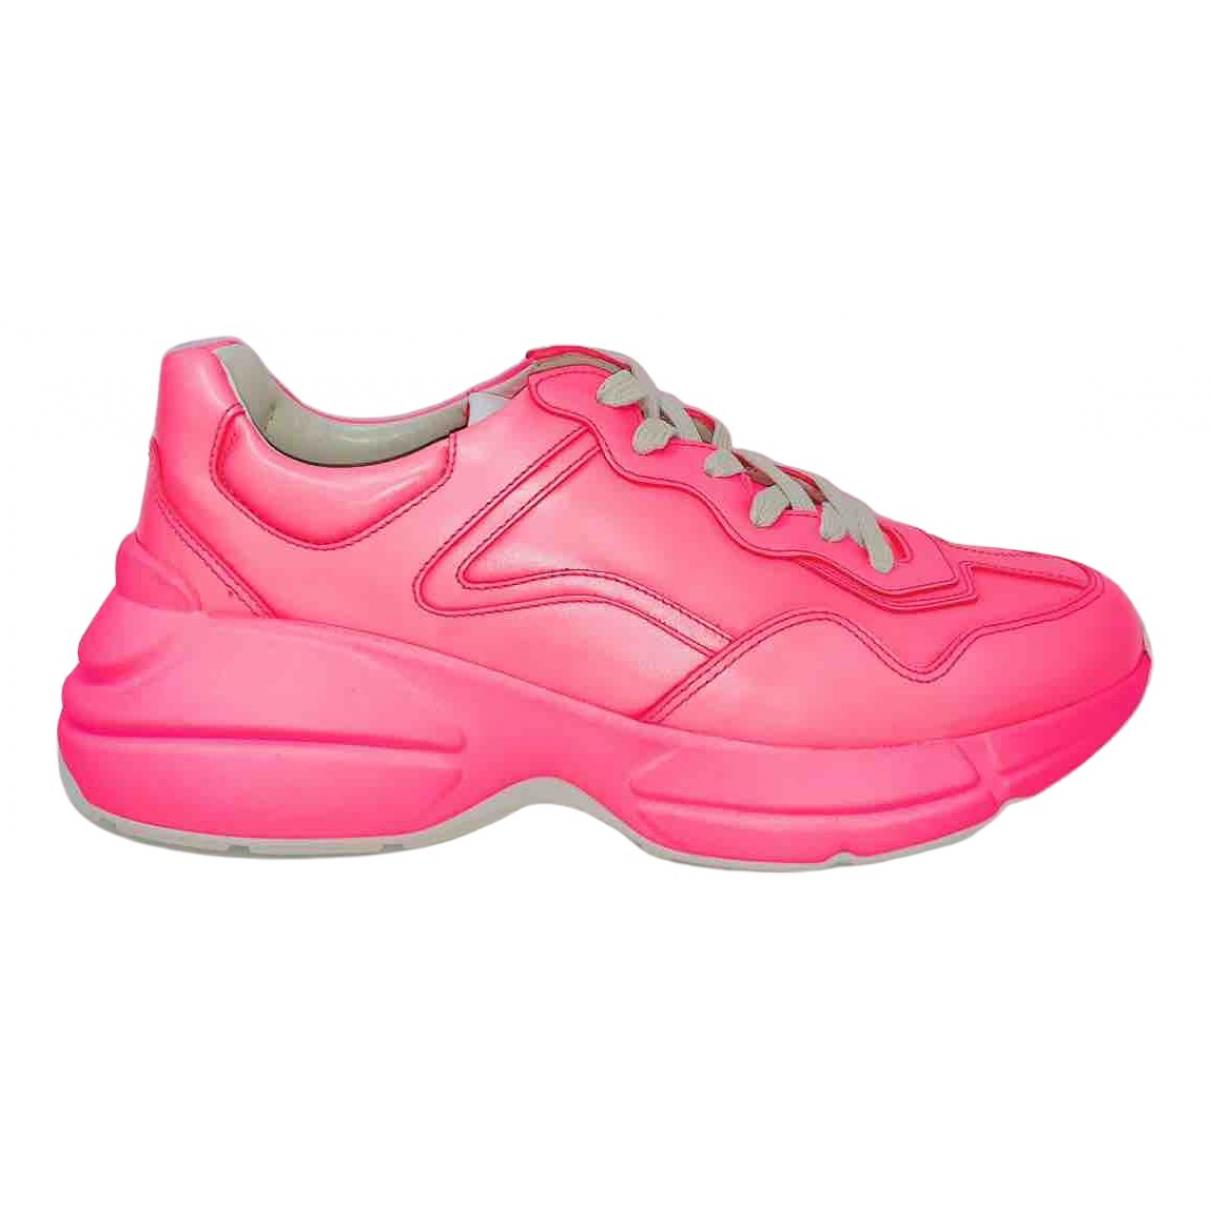 Gucci - Baskets Rhyton pour homme en cuir - rose